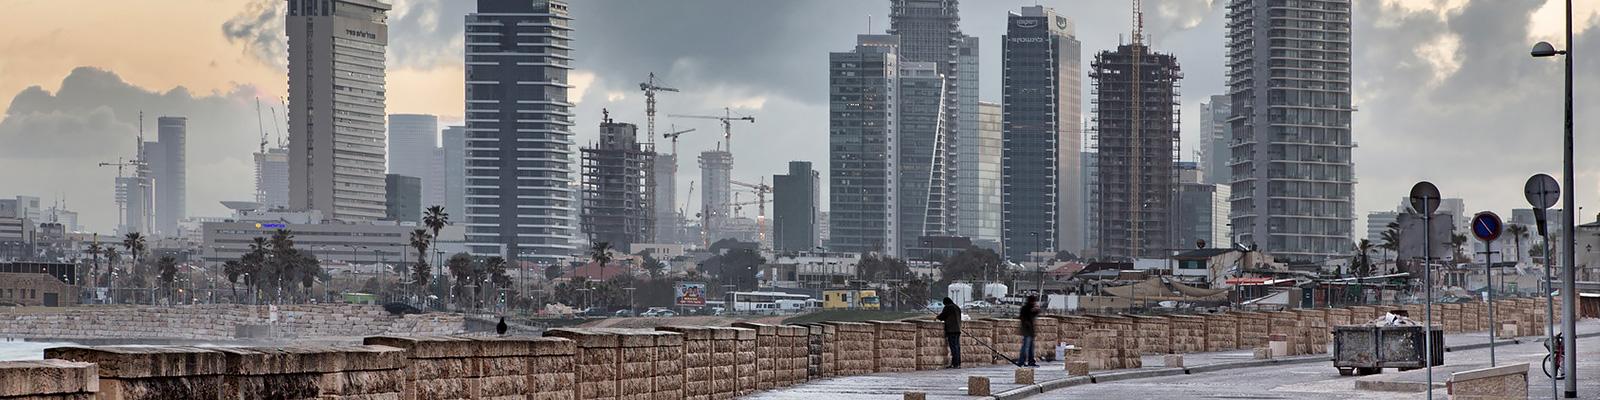 イスラエル 市街地 イメージ